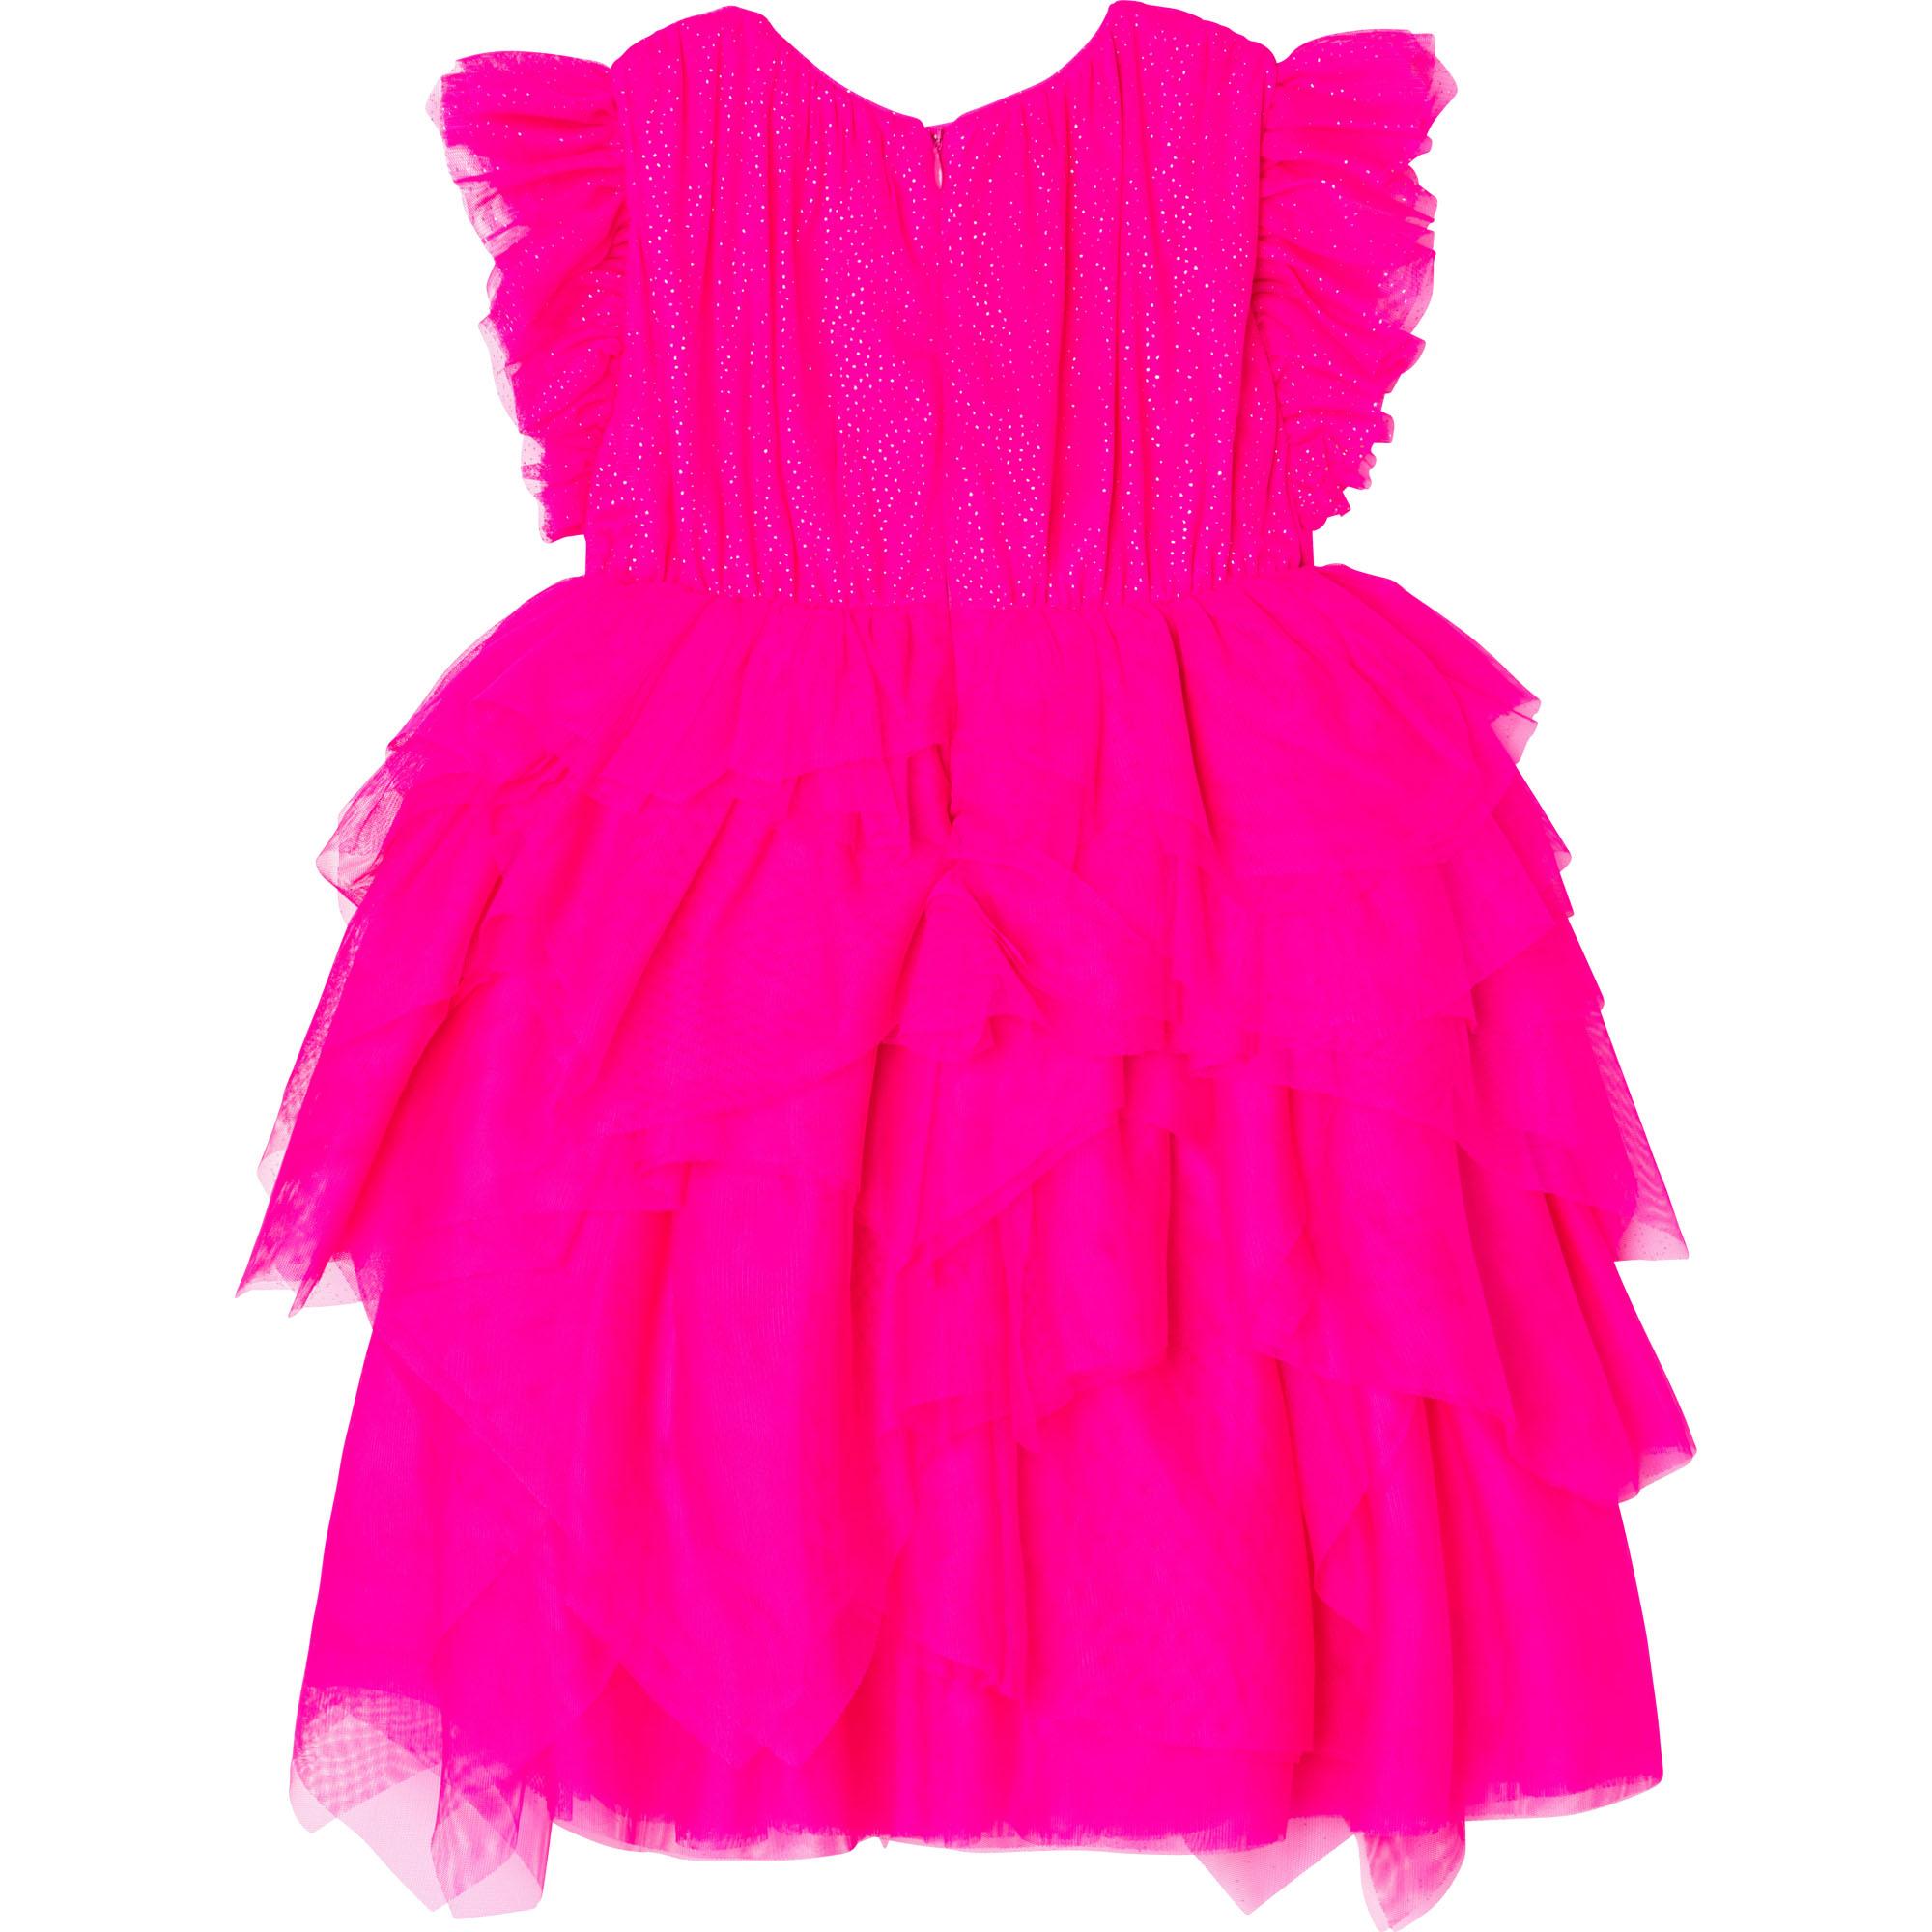 Formal tulle dress BILLIEBLUSH for GIRL